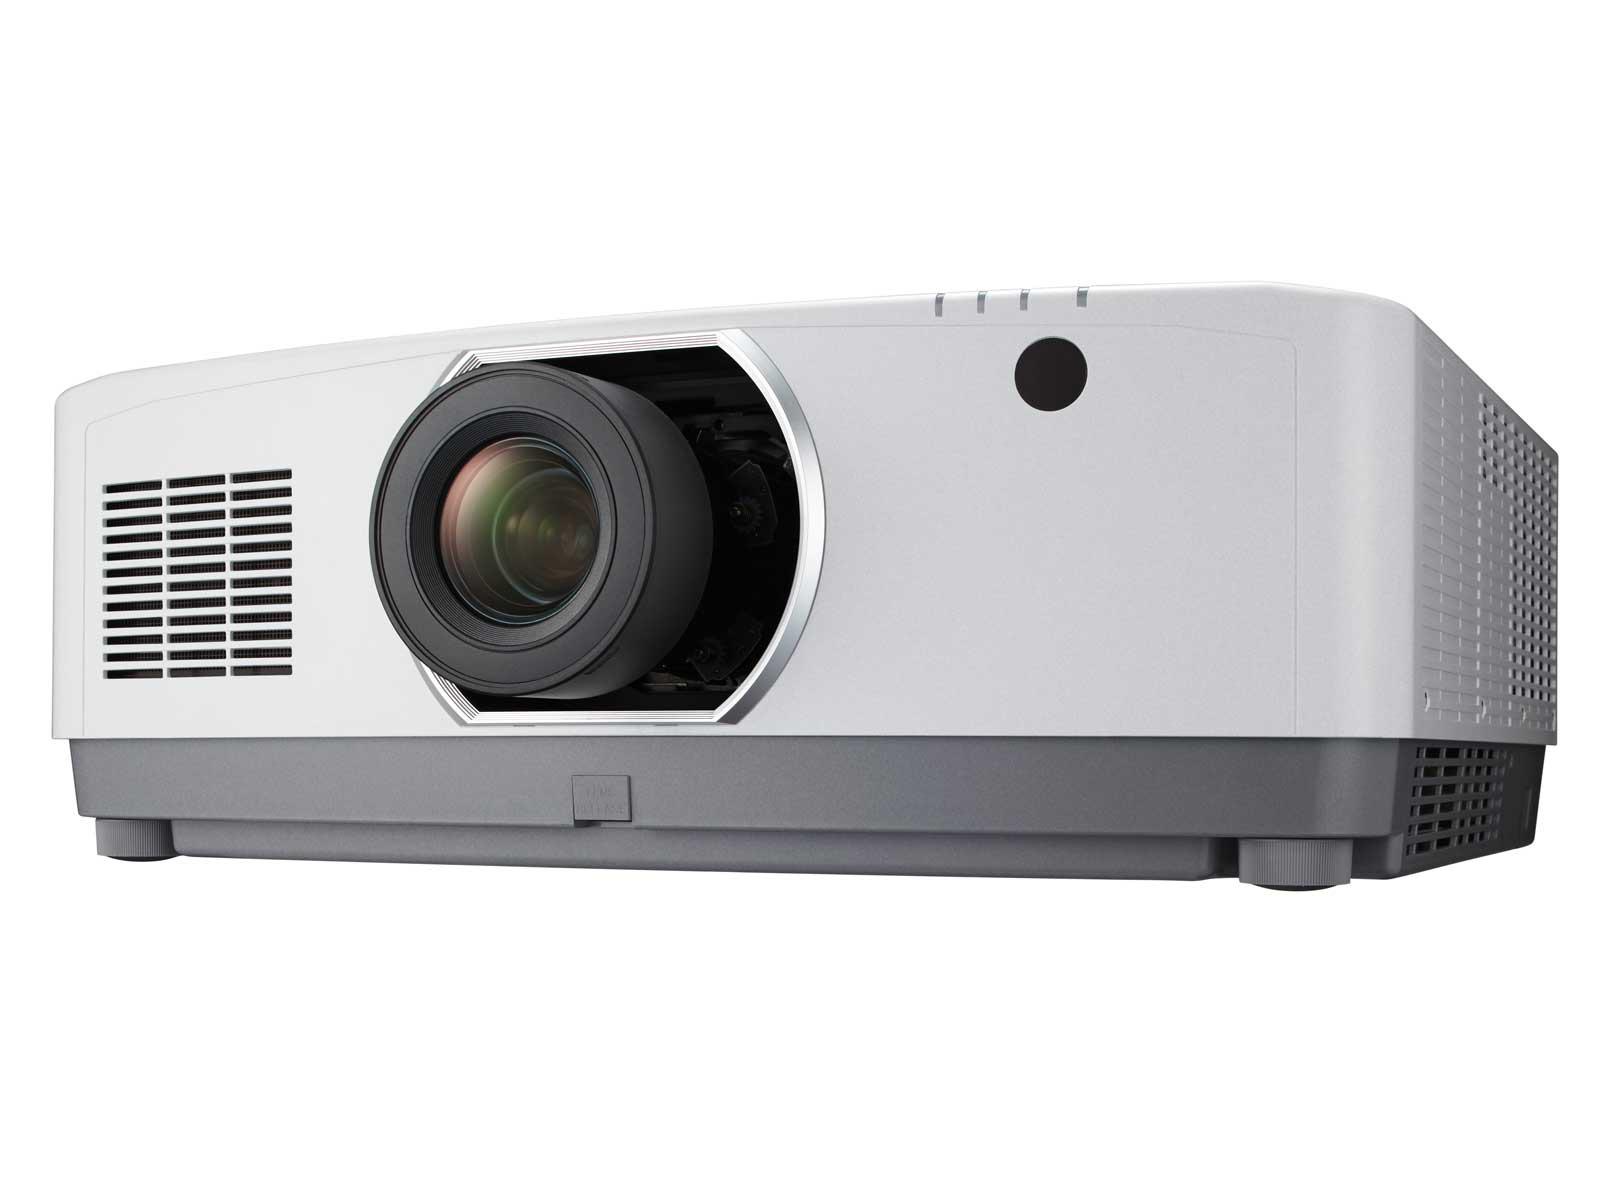 NEC Projektor PA703UL LCD, 7000lm, WUXGA, Laser